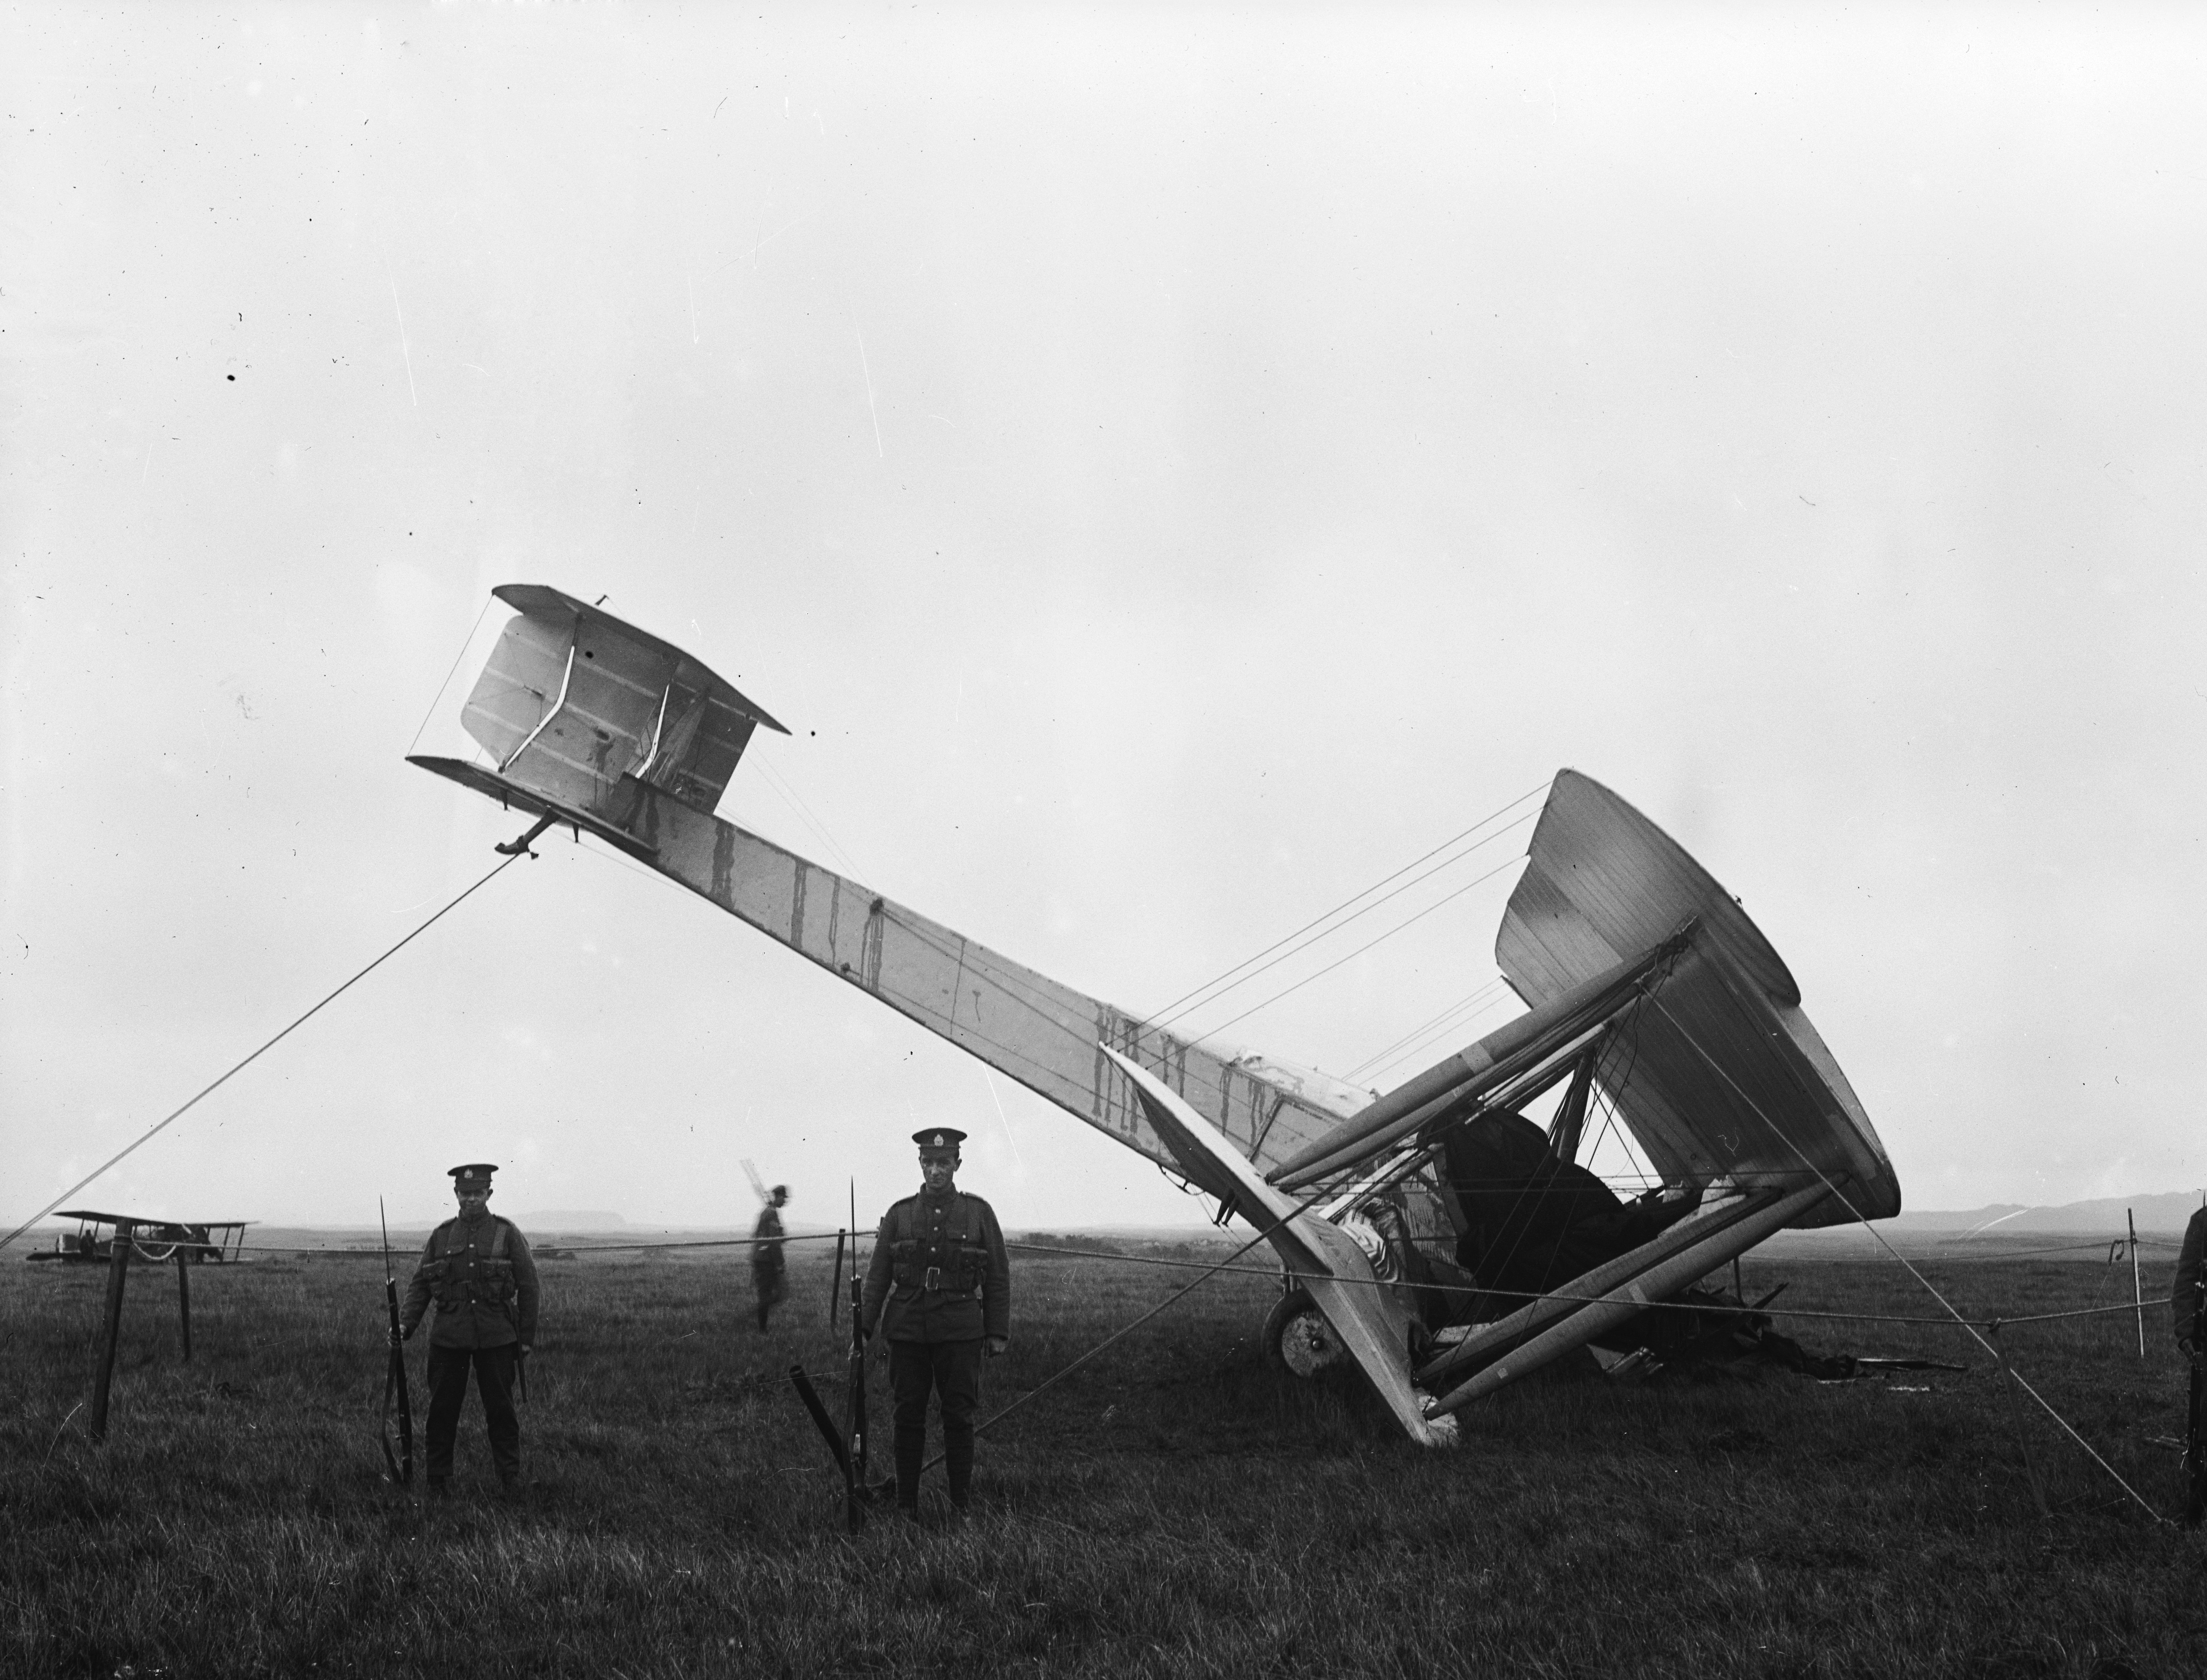 """На 14 юни 1919 година английските авиатори Джон Уилям Елкок и Артър Браун излитат от канадското градче Сент Джон, Ню Фаундленд със самолет на компанията """"Викерс"""". Те осъществяват първия полет над Атлантическия океан без междинно кацане. След един ден във въздуха те се приземяват в Ирландия на място, наречено Клифден"""